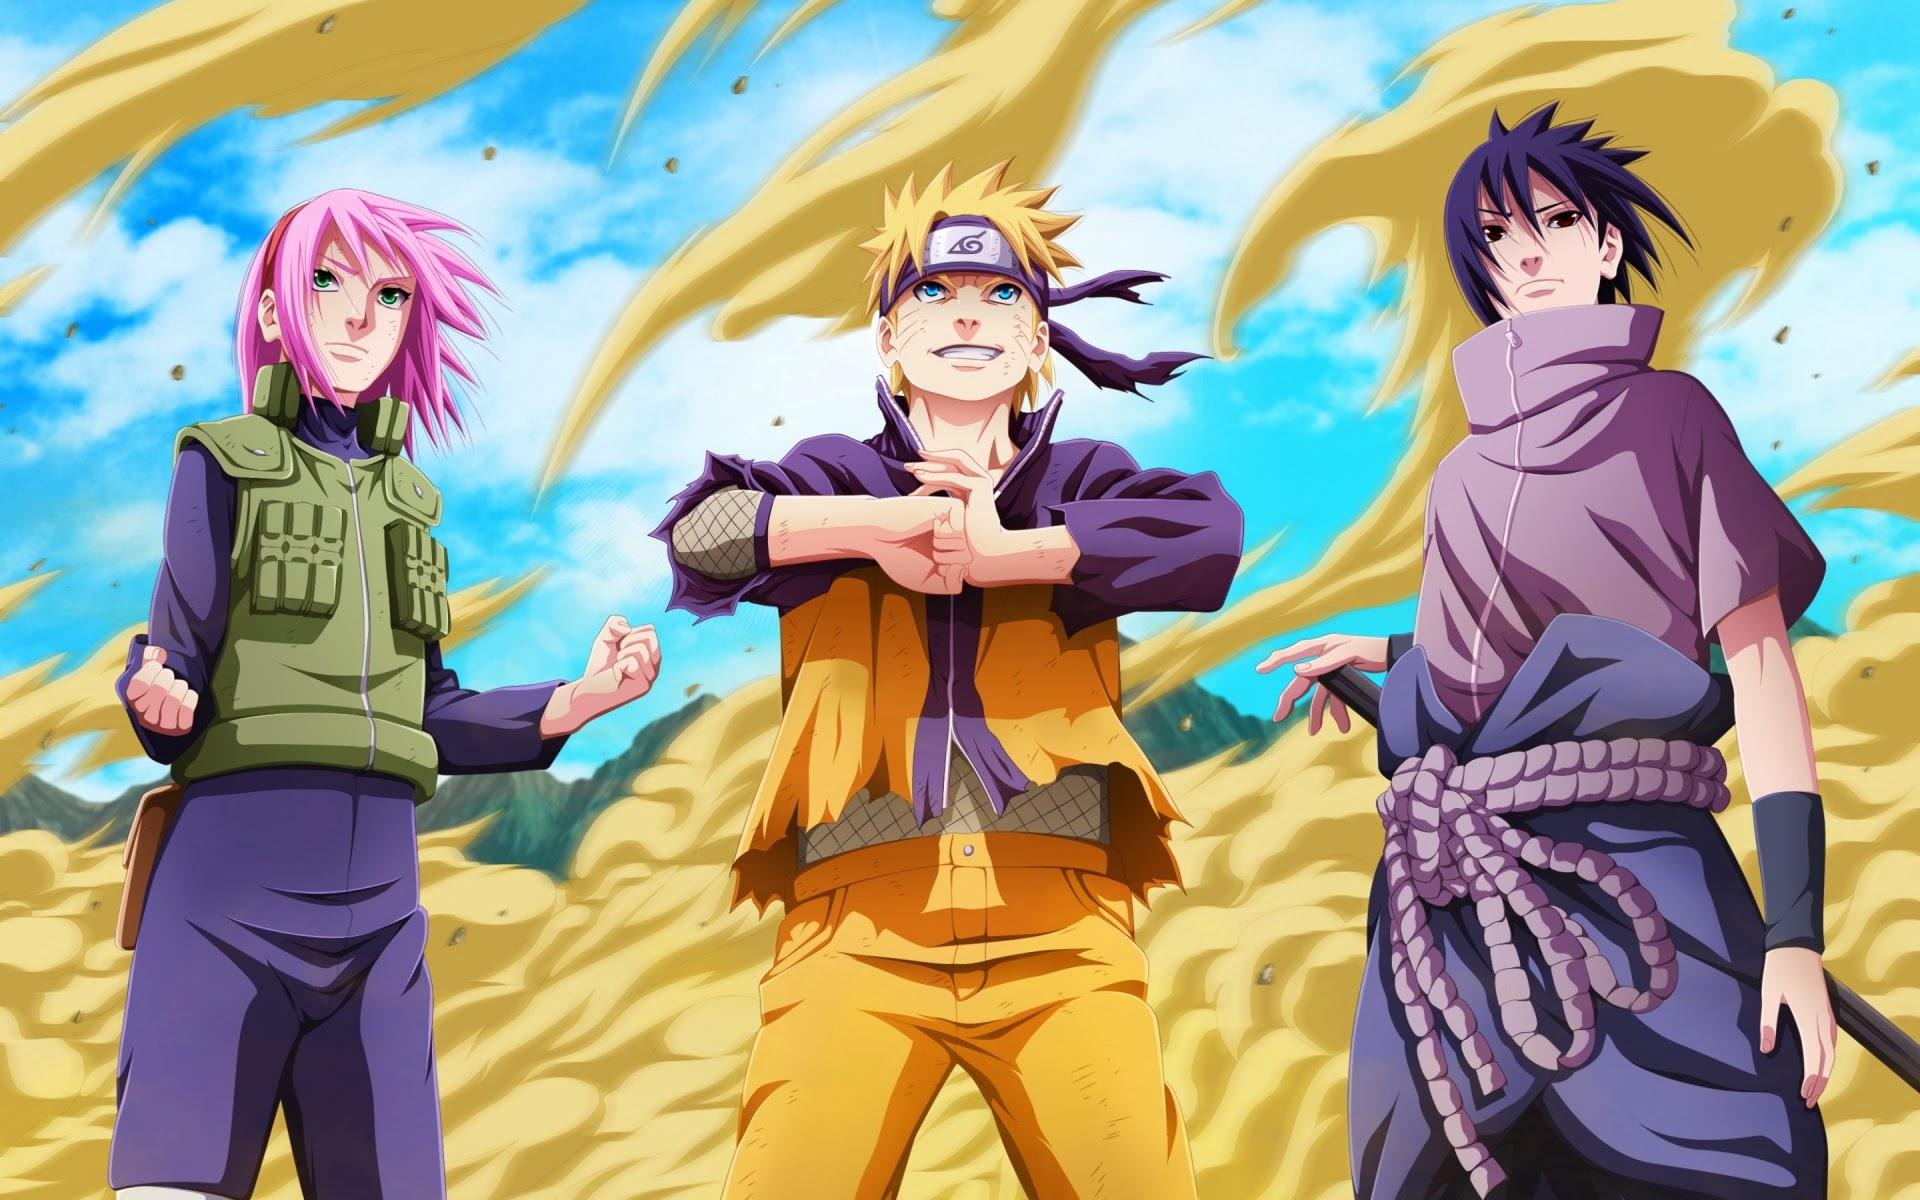 46 Naruto Sasuke Sakura Wallpaper On Wallpapersafari